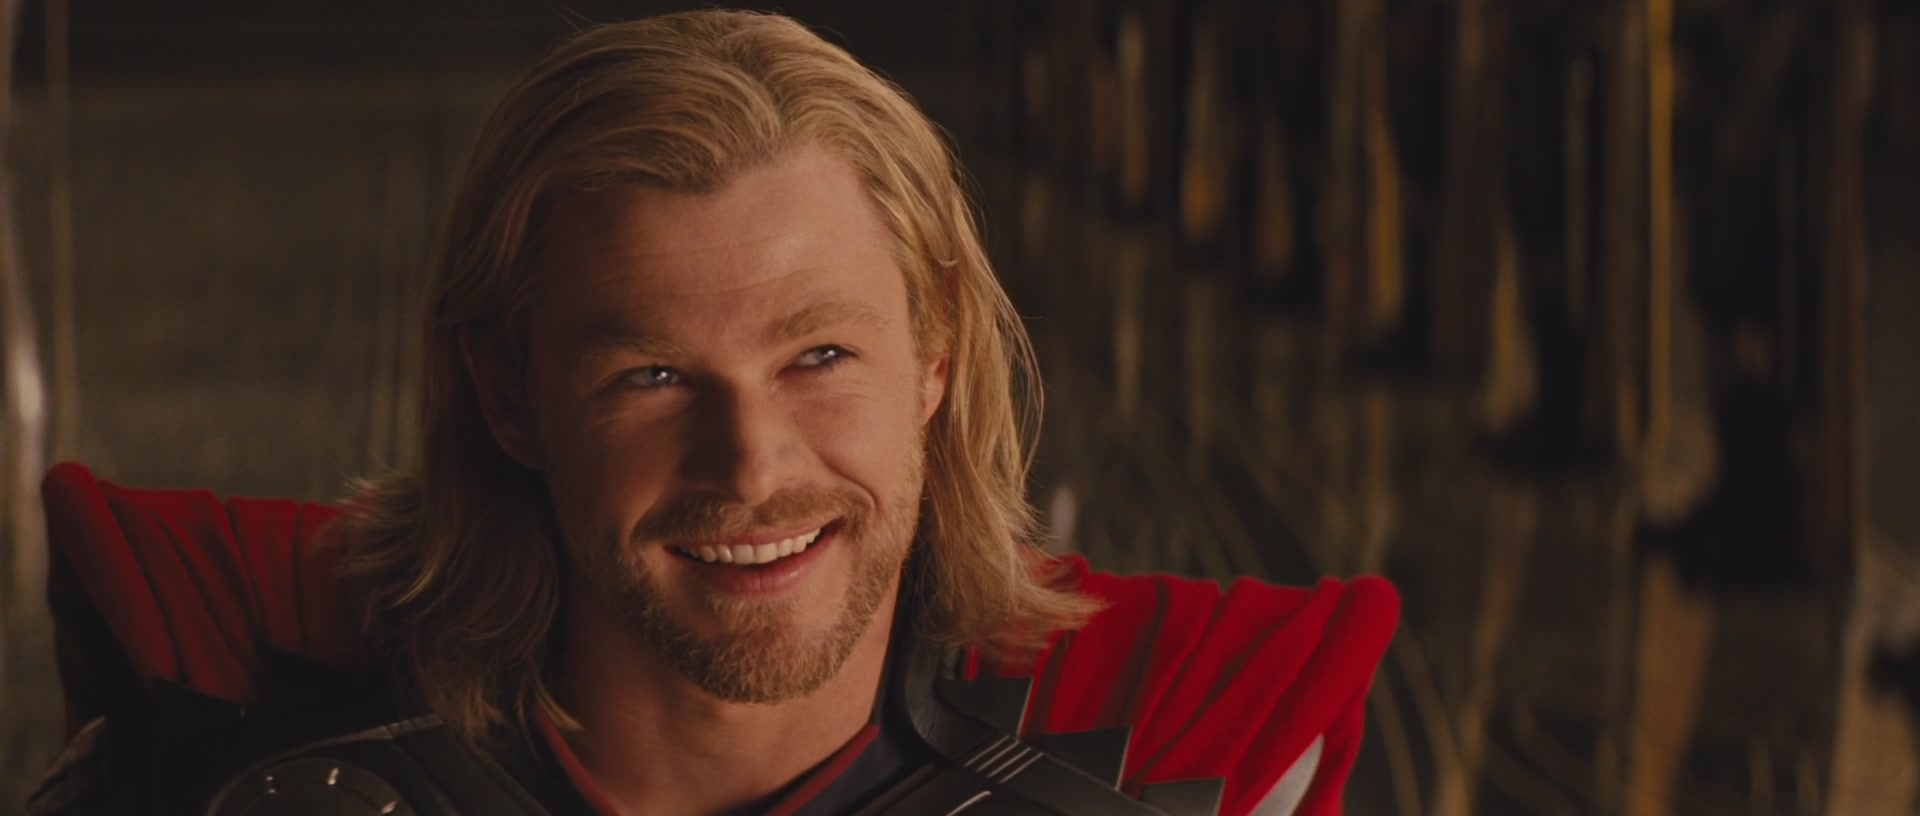 Thor Odinson | Disney Wiki | Fandom